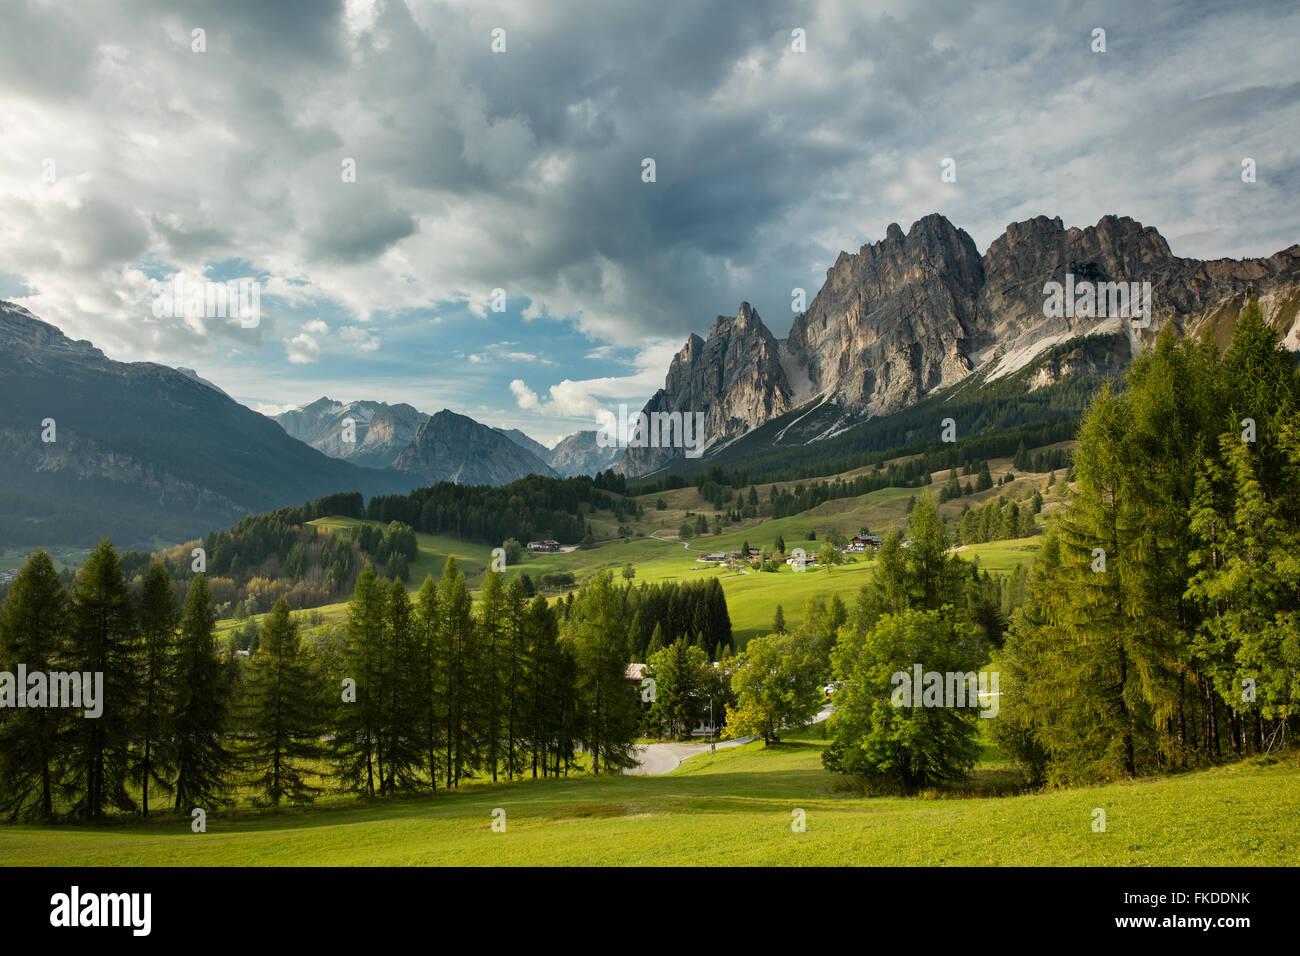 the Pomagaonon above Cortina d'Ampezzo, Dolomite Mountains,  Belluno Province, Veneto, Italy - Stock Image